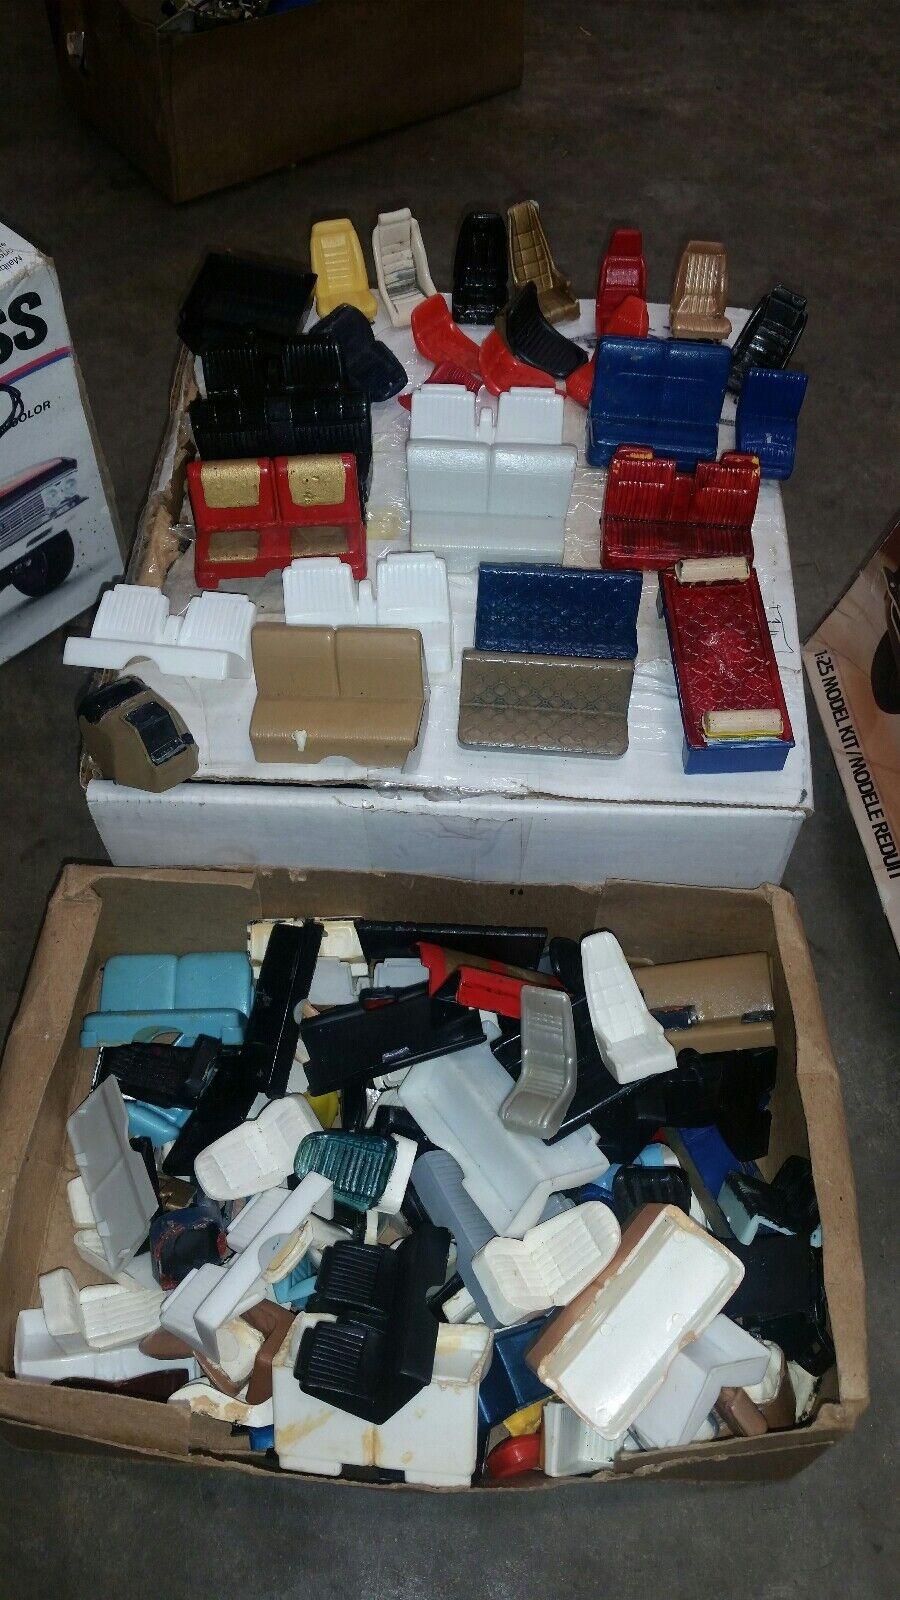 1 25 car model box FULL of seats